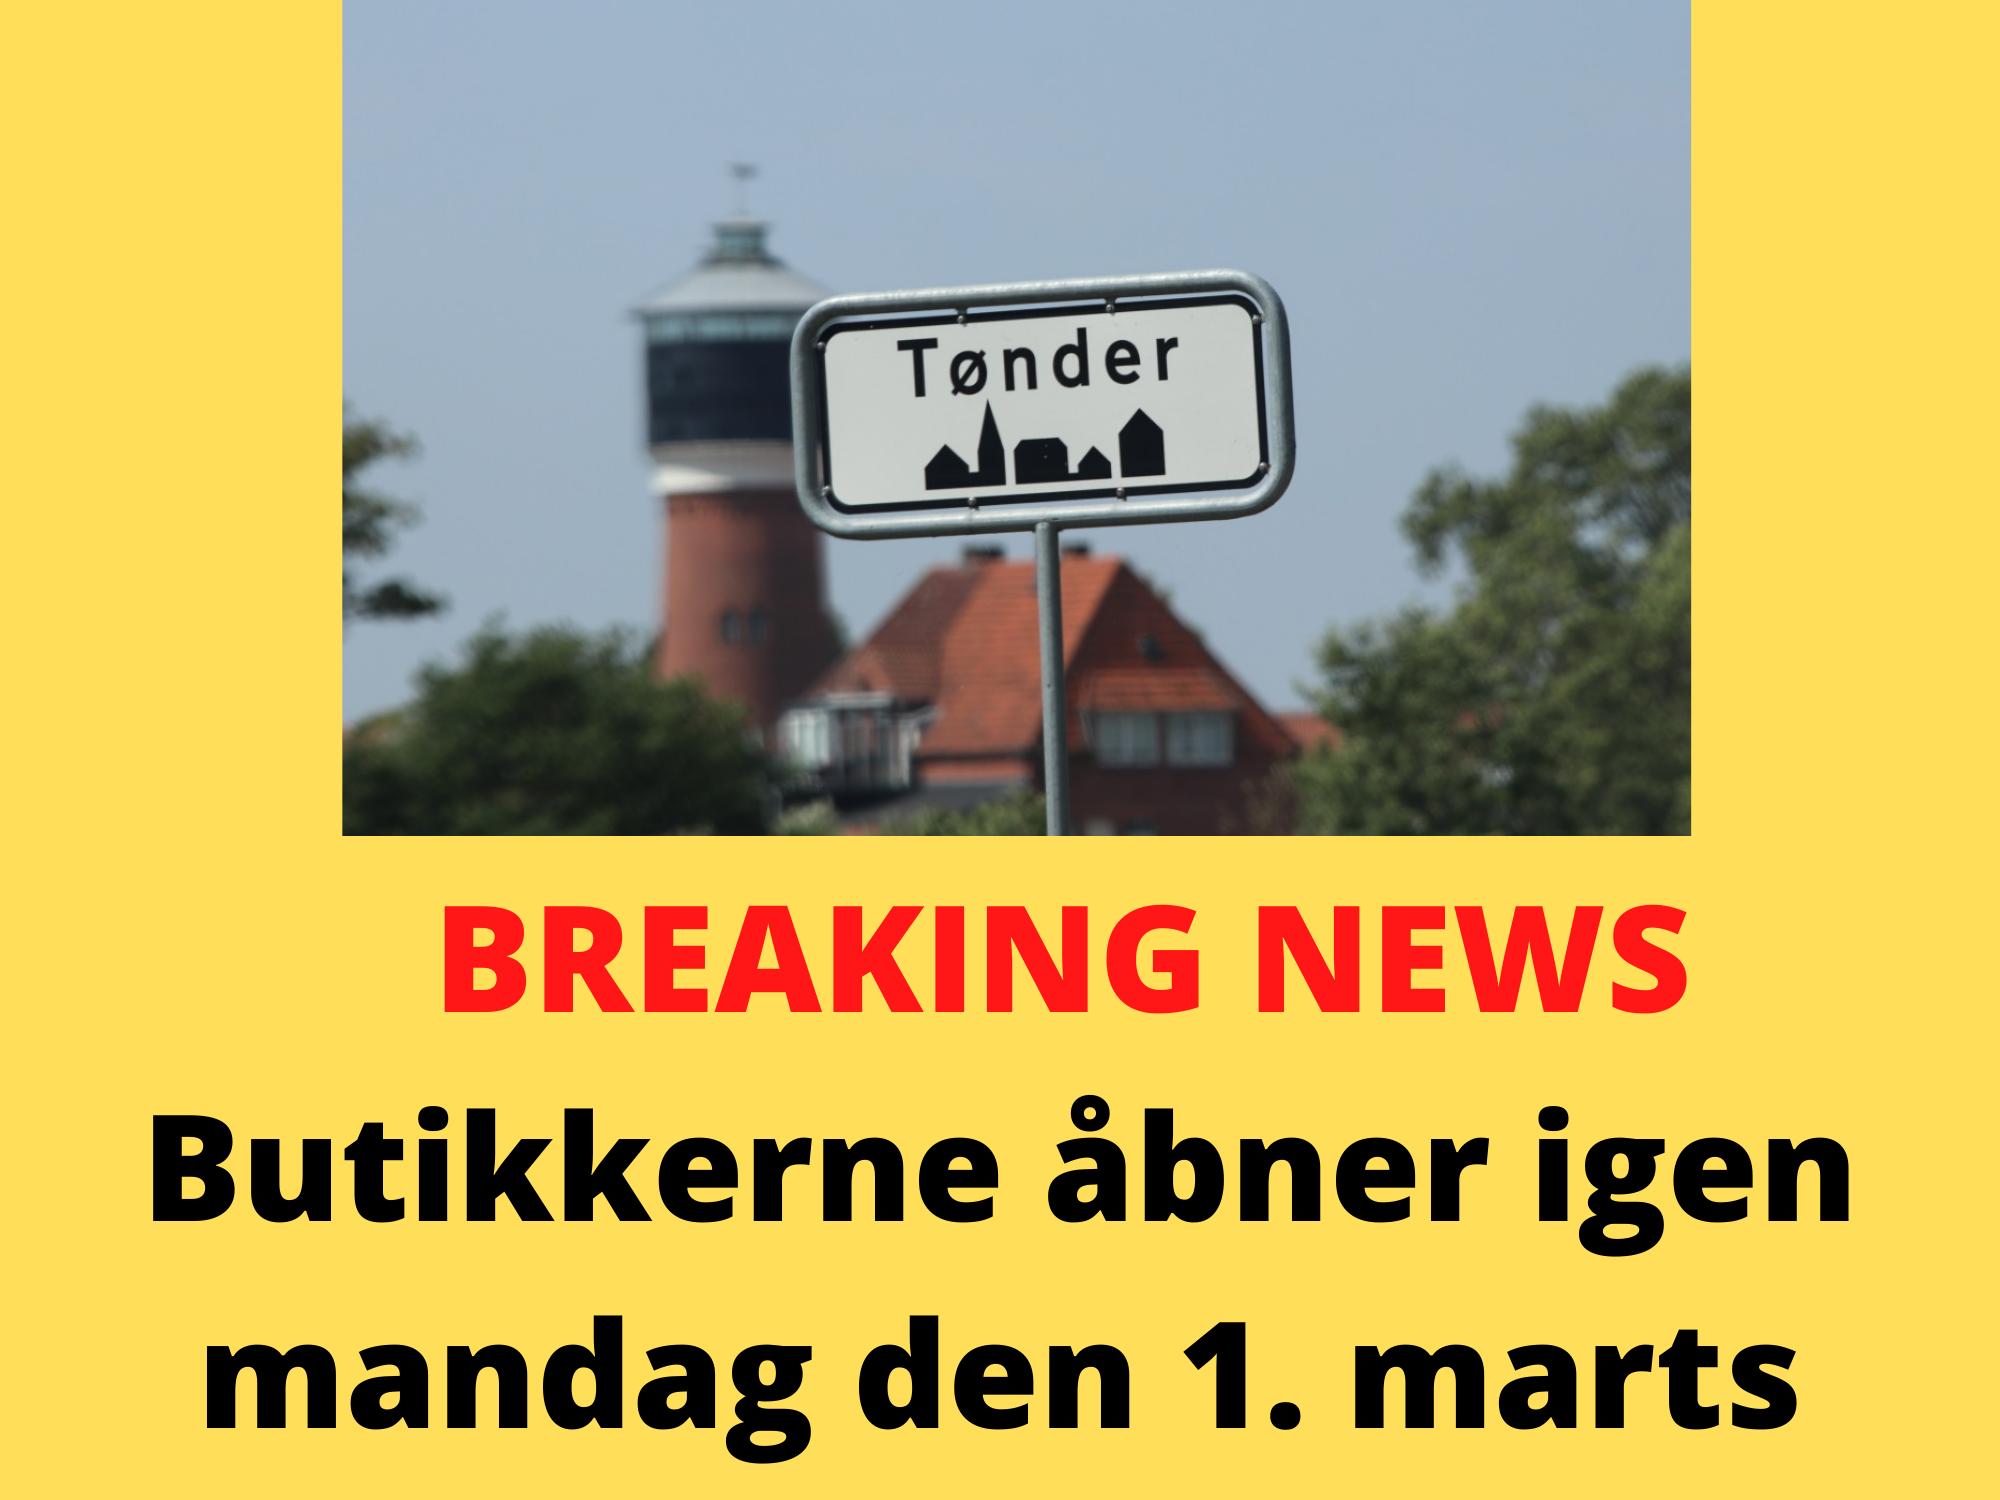 Butikkerne i Tønder åbner igen mandag den 1. marts kl. 10.00